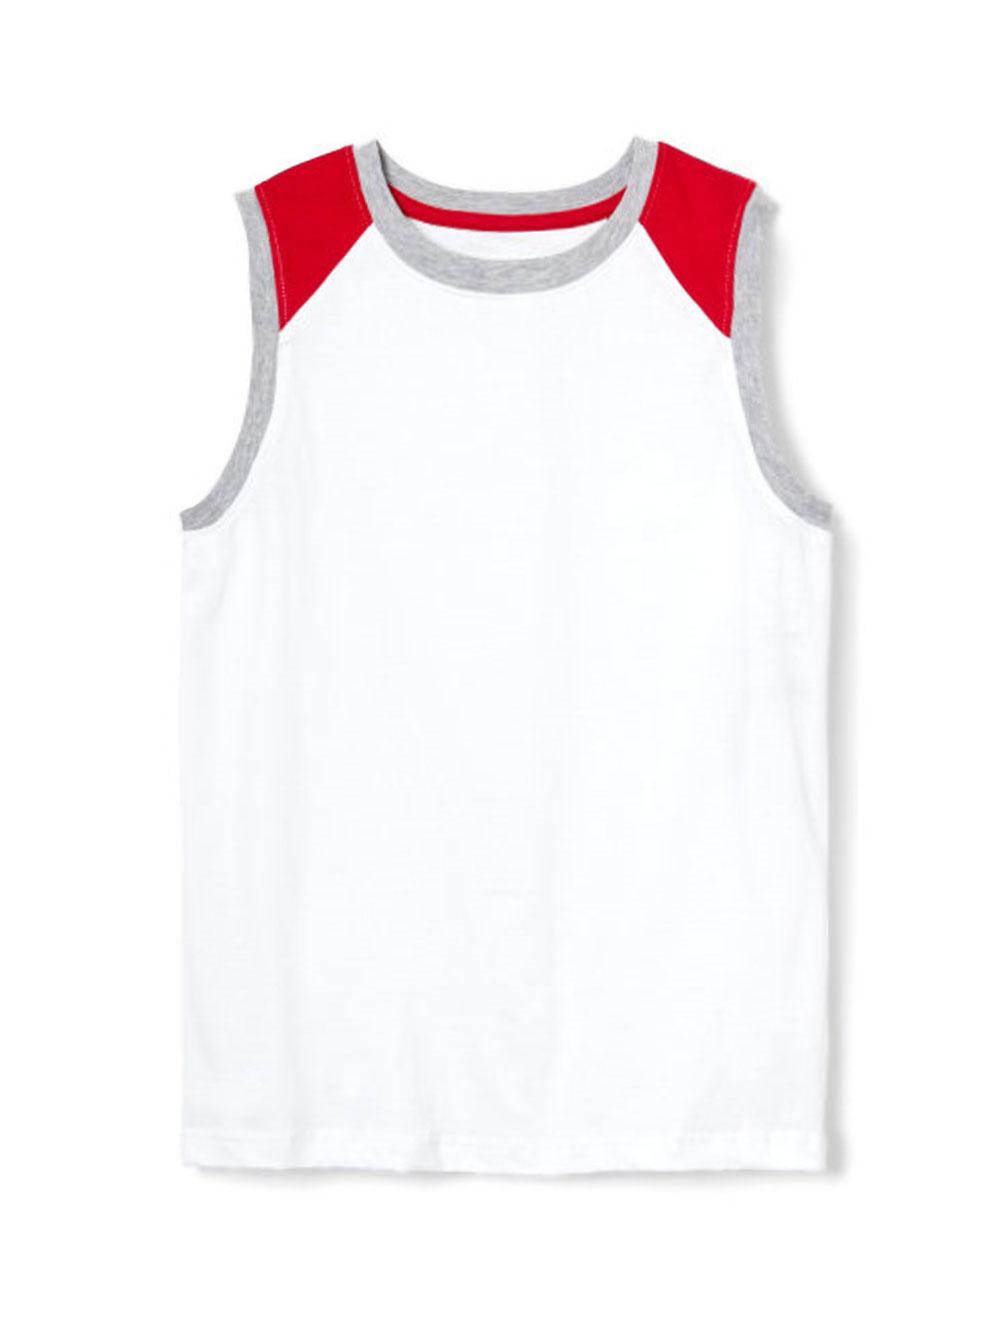 Image of French Toast Big Boys Muscle Sleeveless TShirt Sizes 8  20